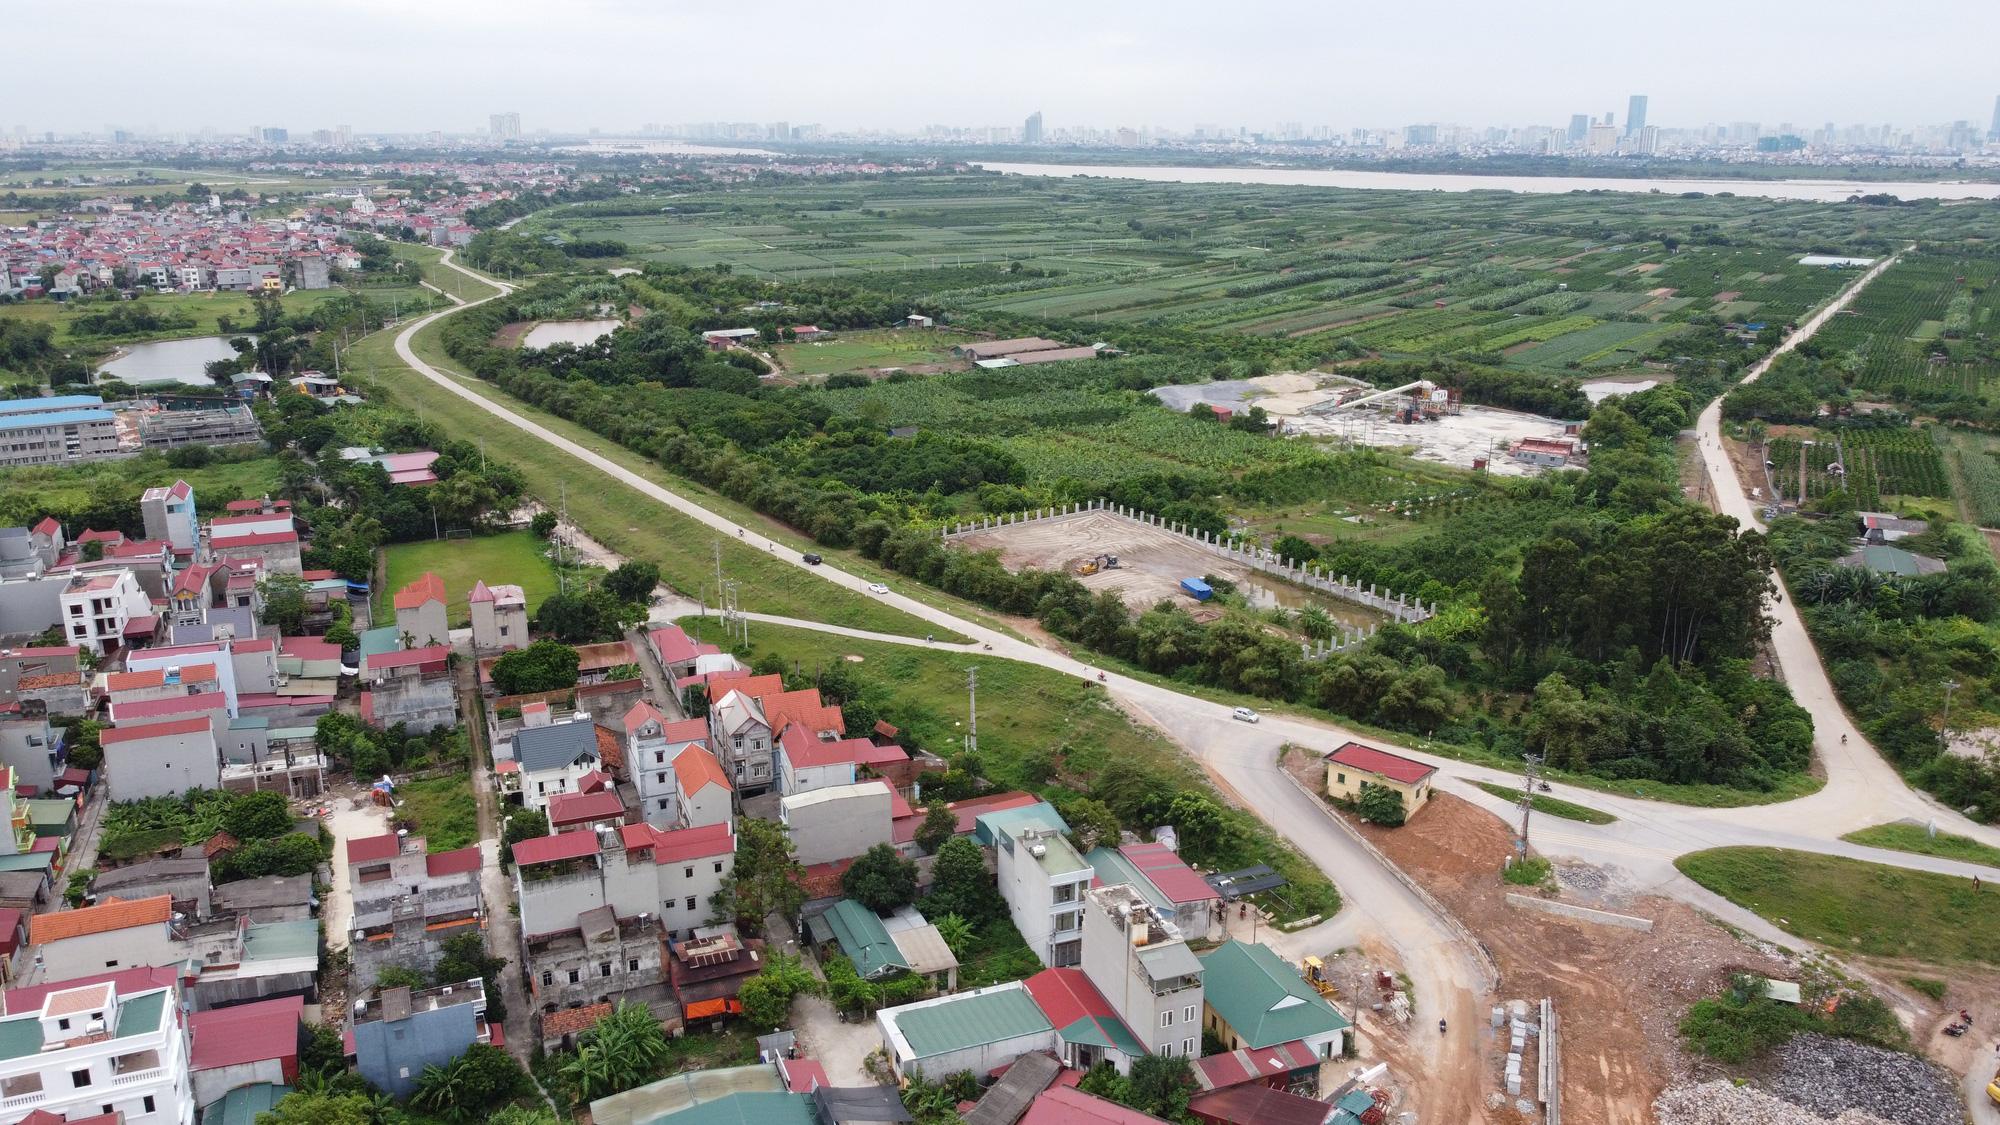 9 bãi sông có thể được xây dựng trong phân khu đô thị sông Hồng - Ảnh 2.